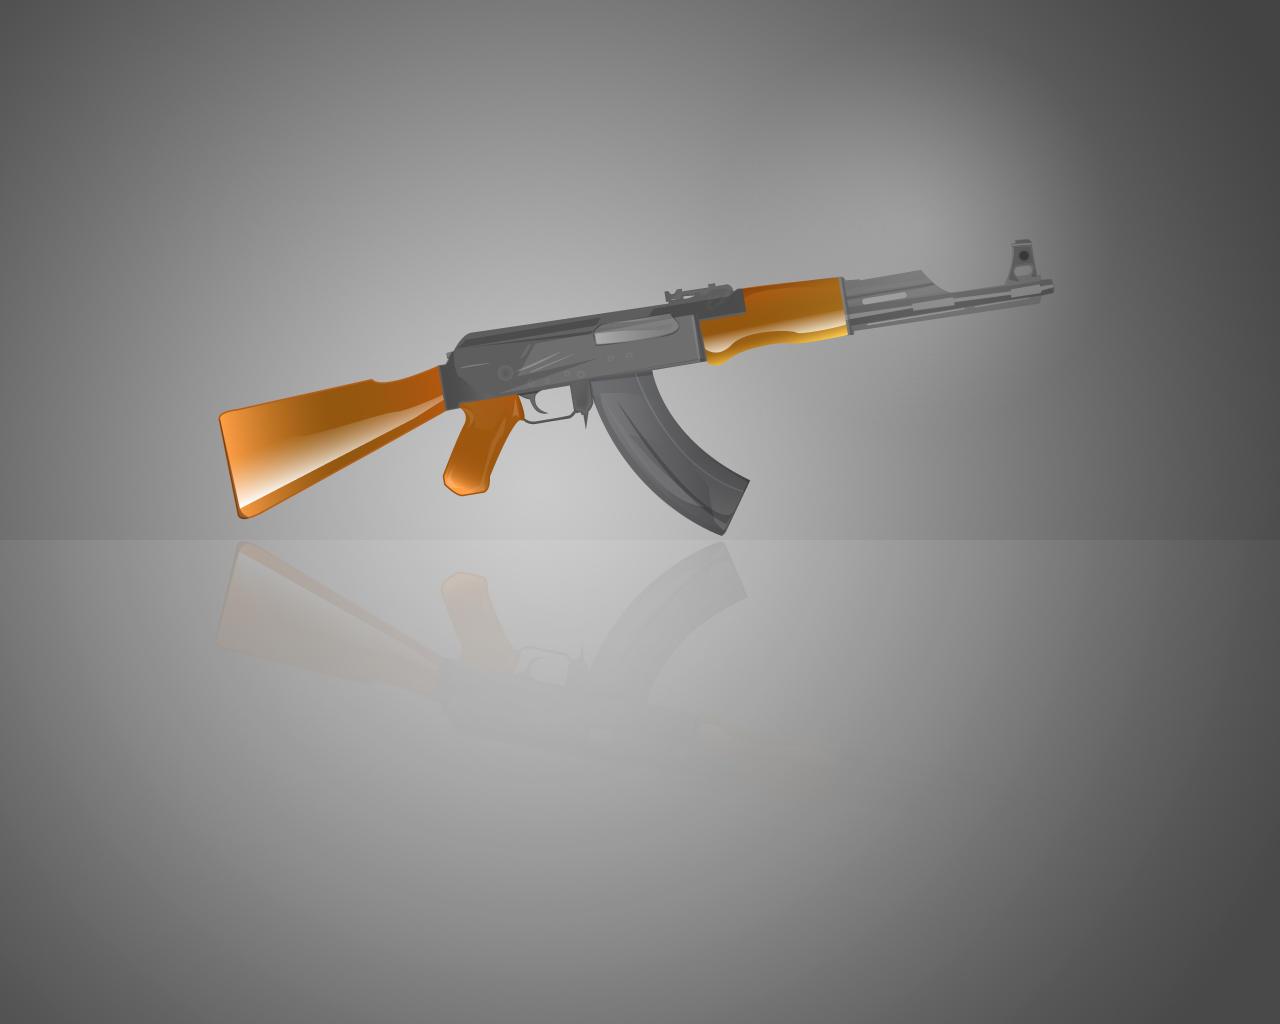 AK 47 Wallpaper By Thisko